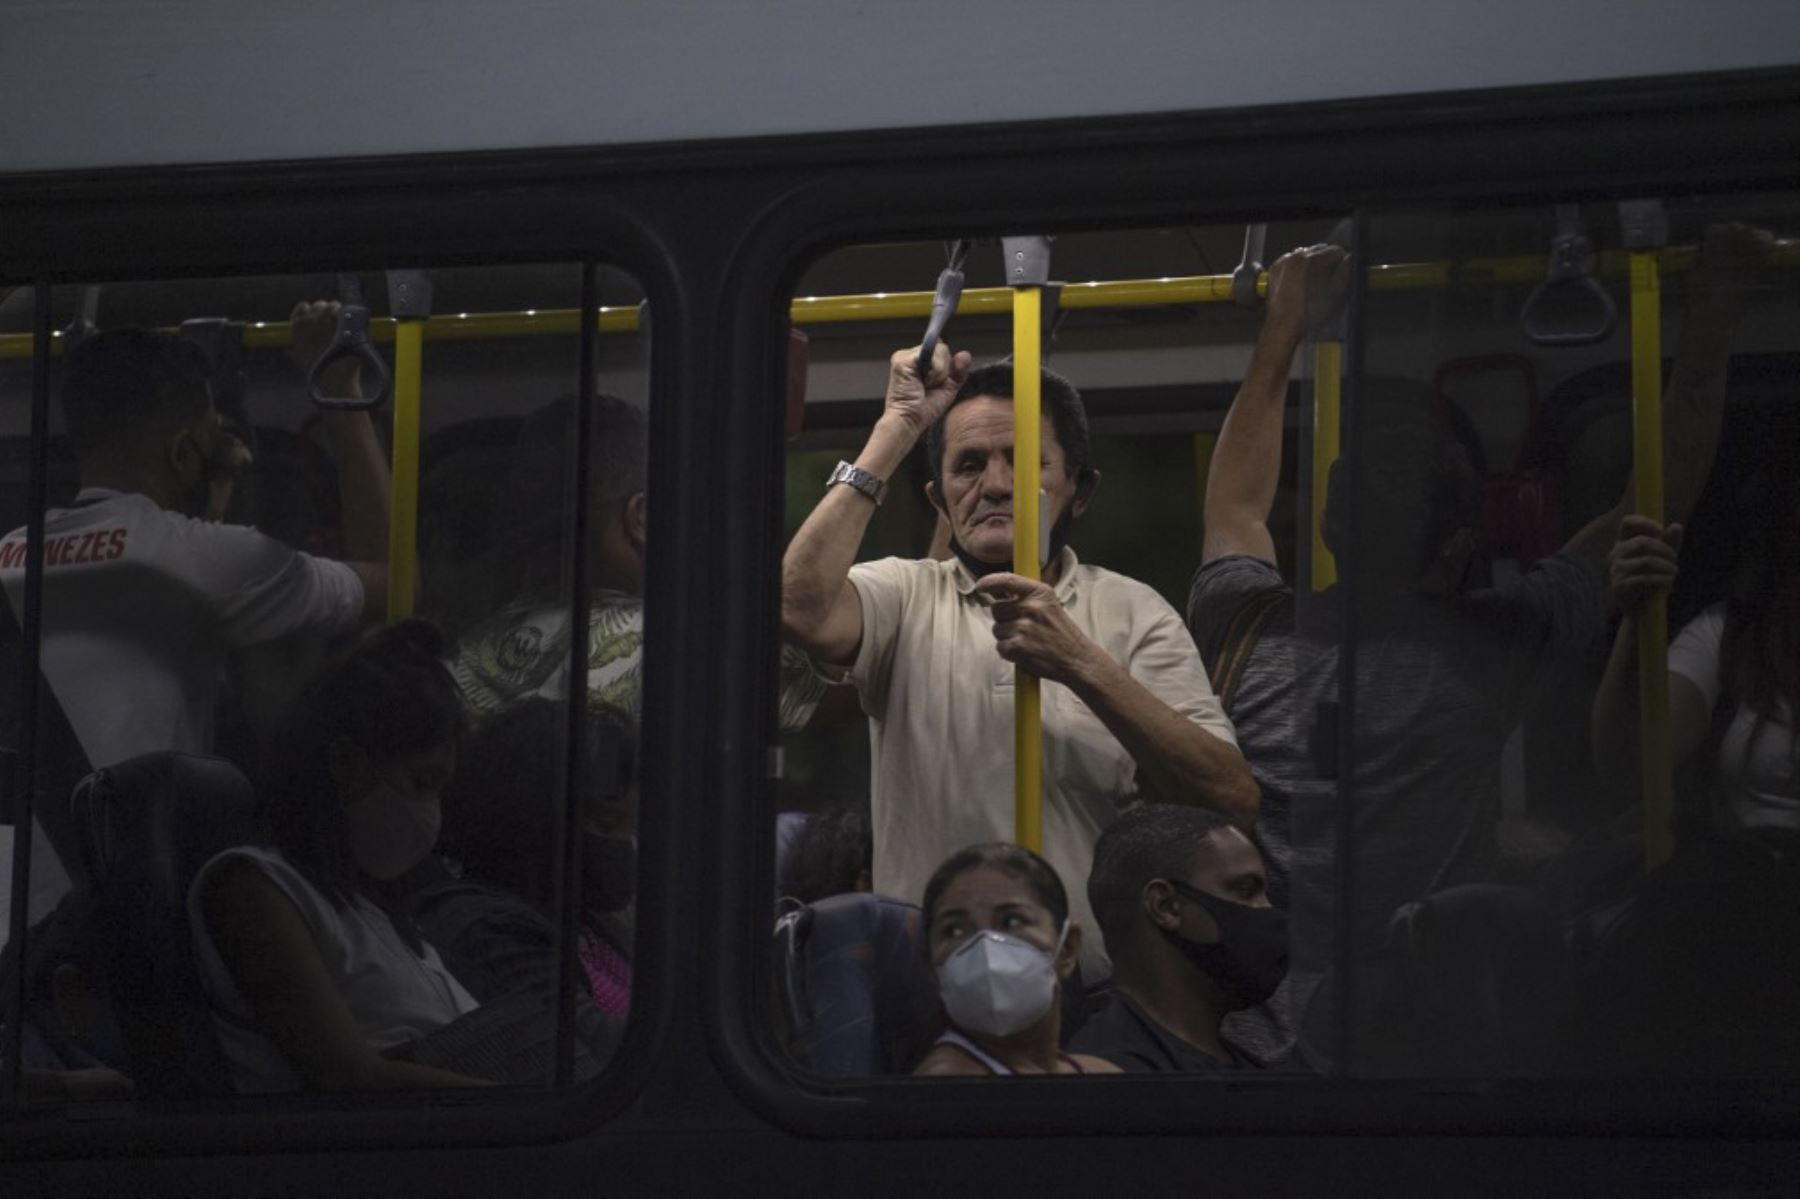 Un hombre que no usa mascarilla viaja en un autobús de transporte público lleno de gente durante la pandemia de covid-19 en el barrio de Laranjeiras en Río de Janeiro, Brasil. Foto: AFP